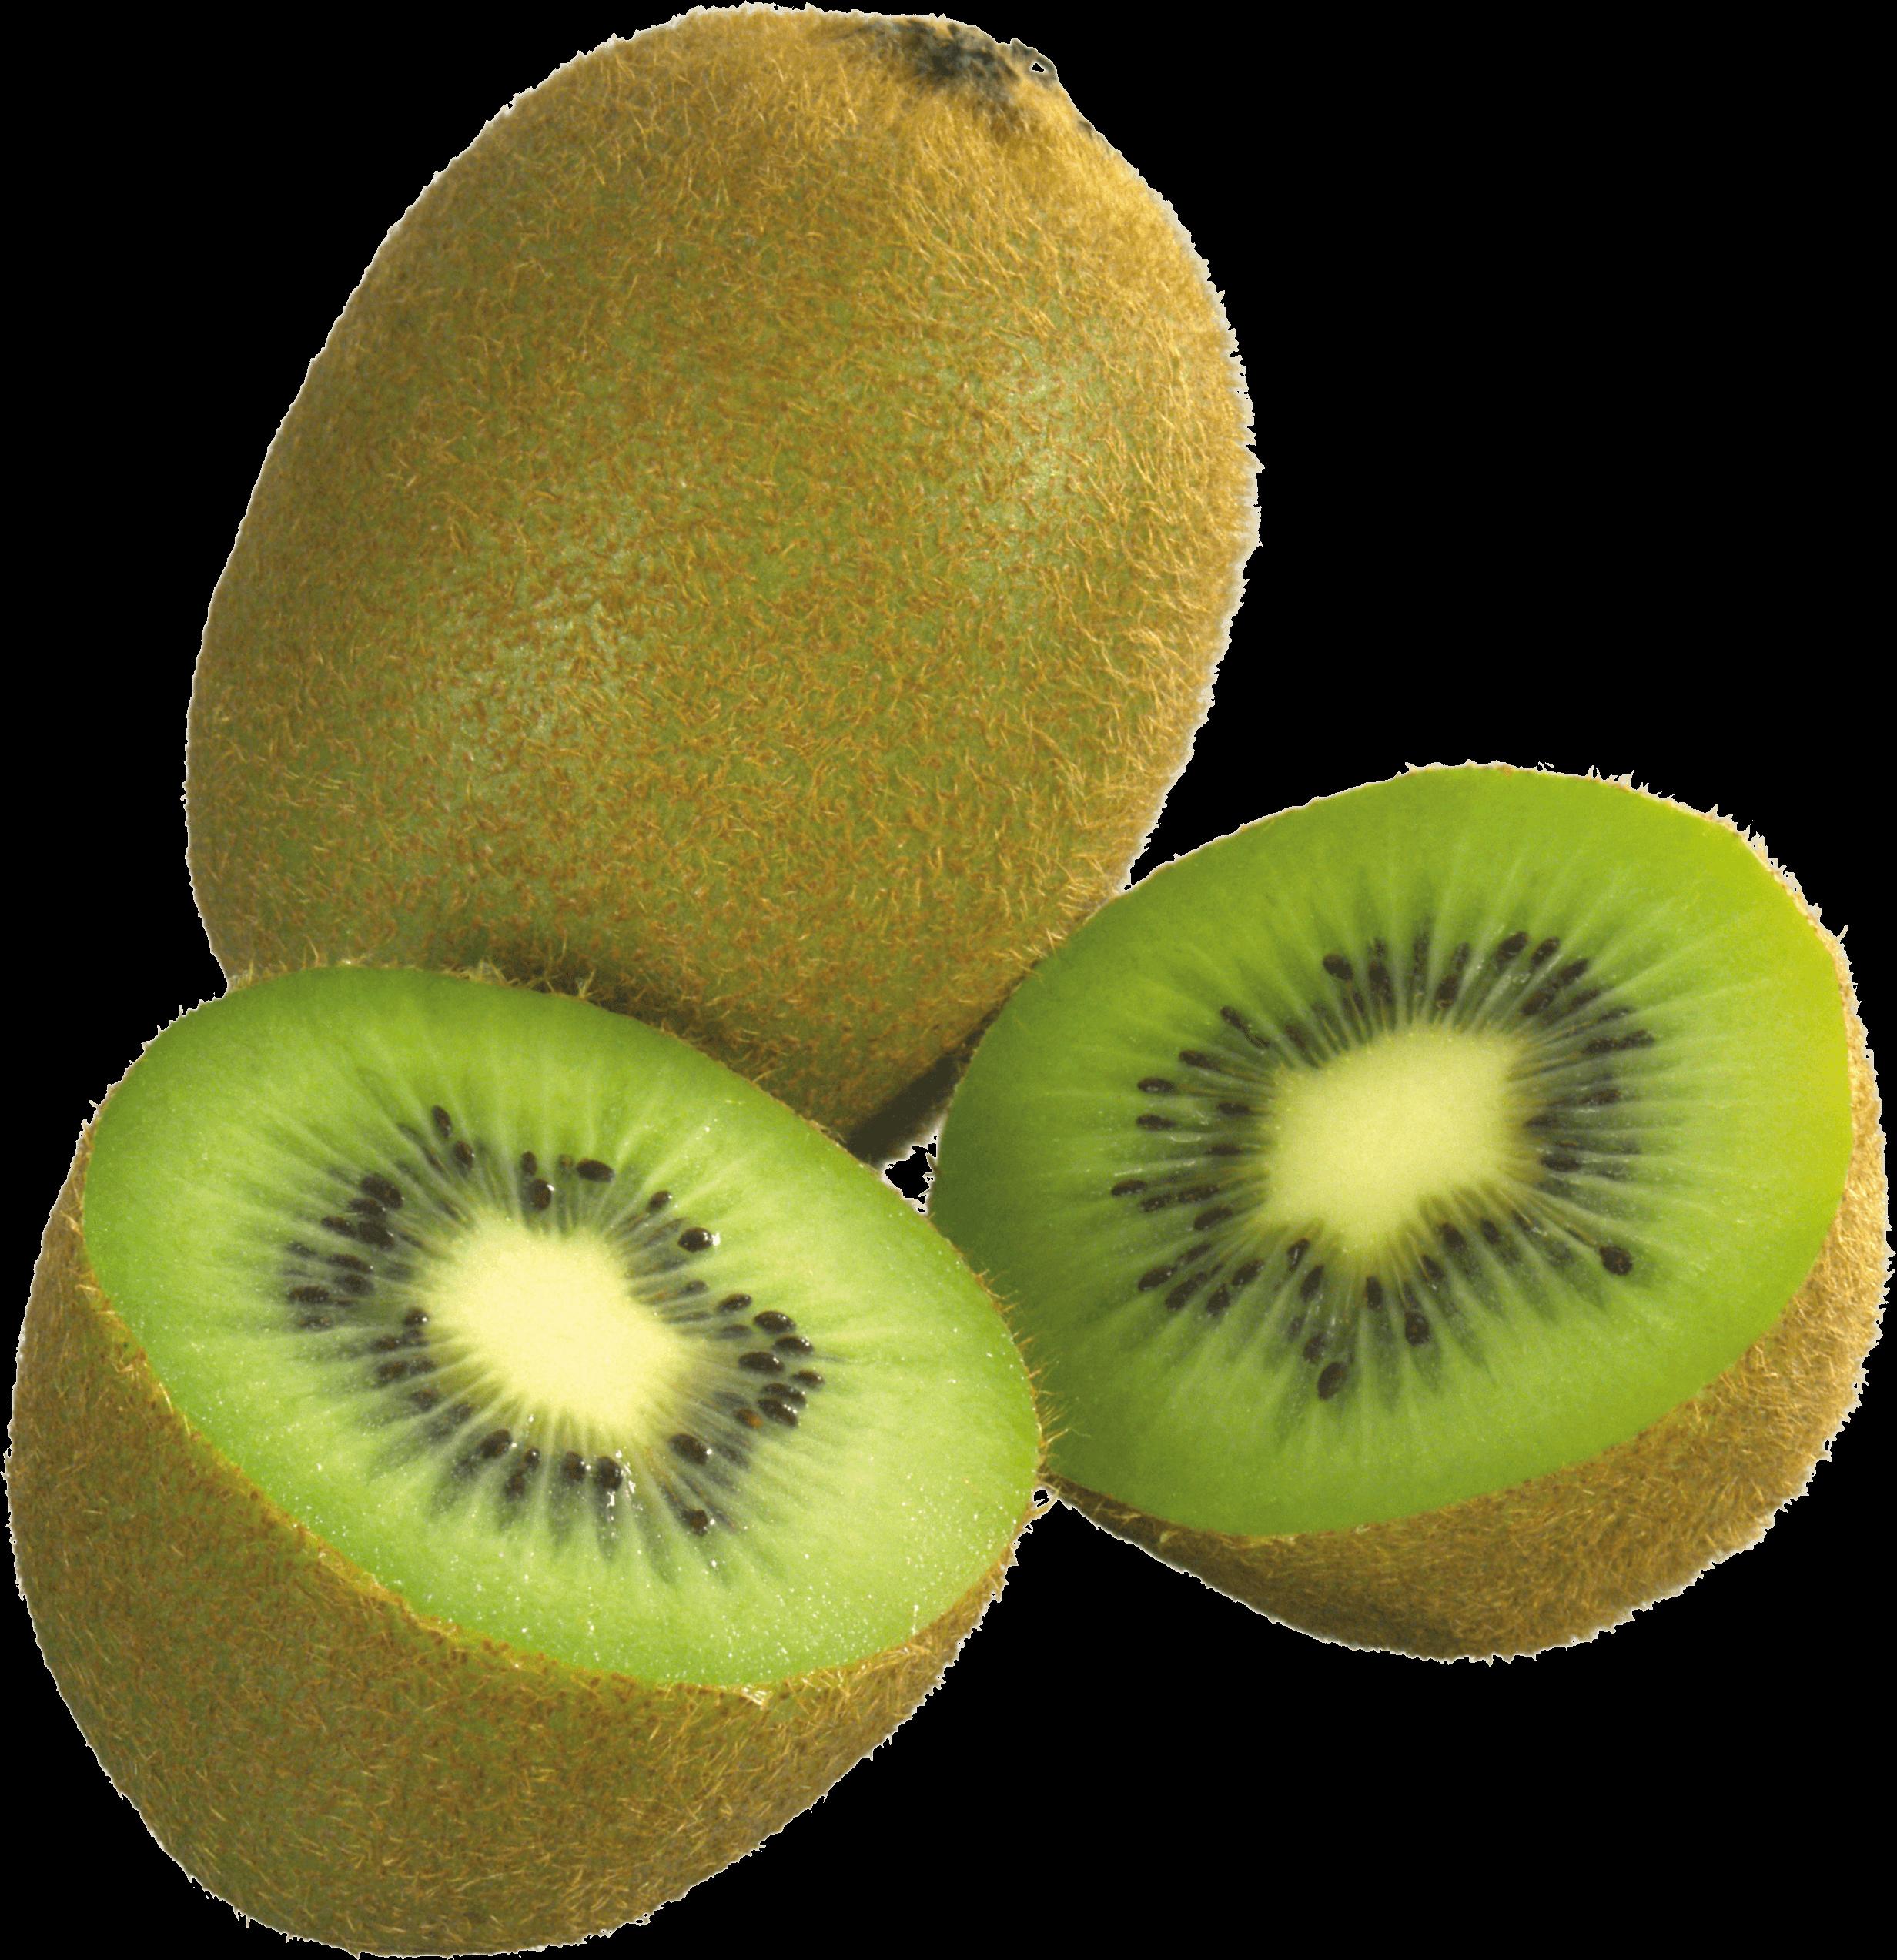 Kiwi Png Image Fruit Kiwi Png Pictures Download PNG Image - Kiwi HD PNG